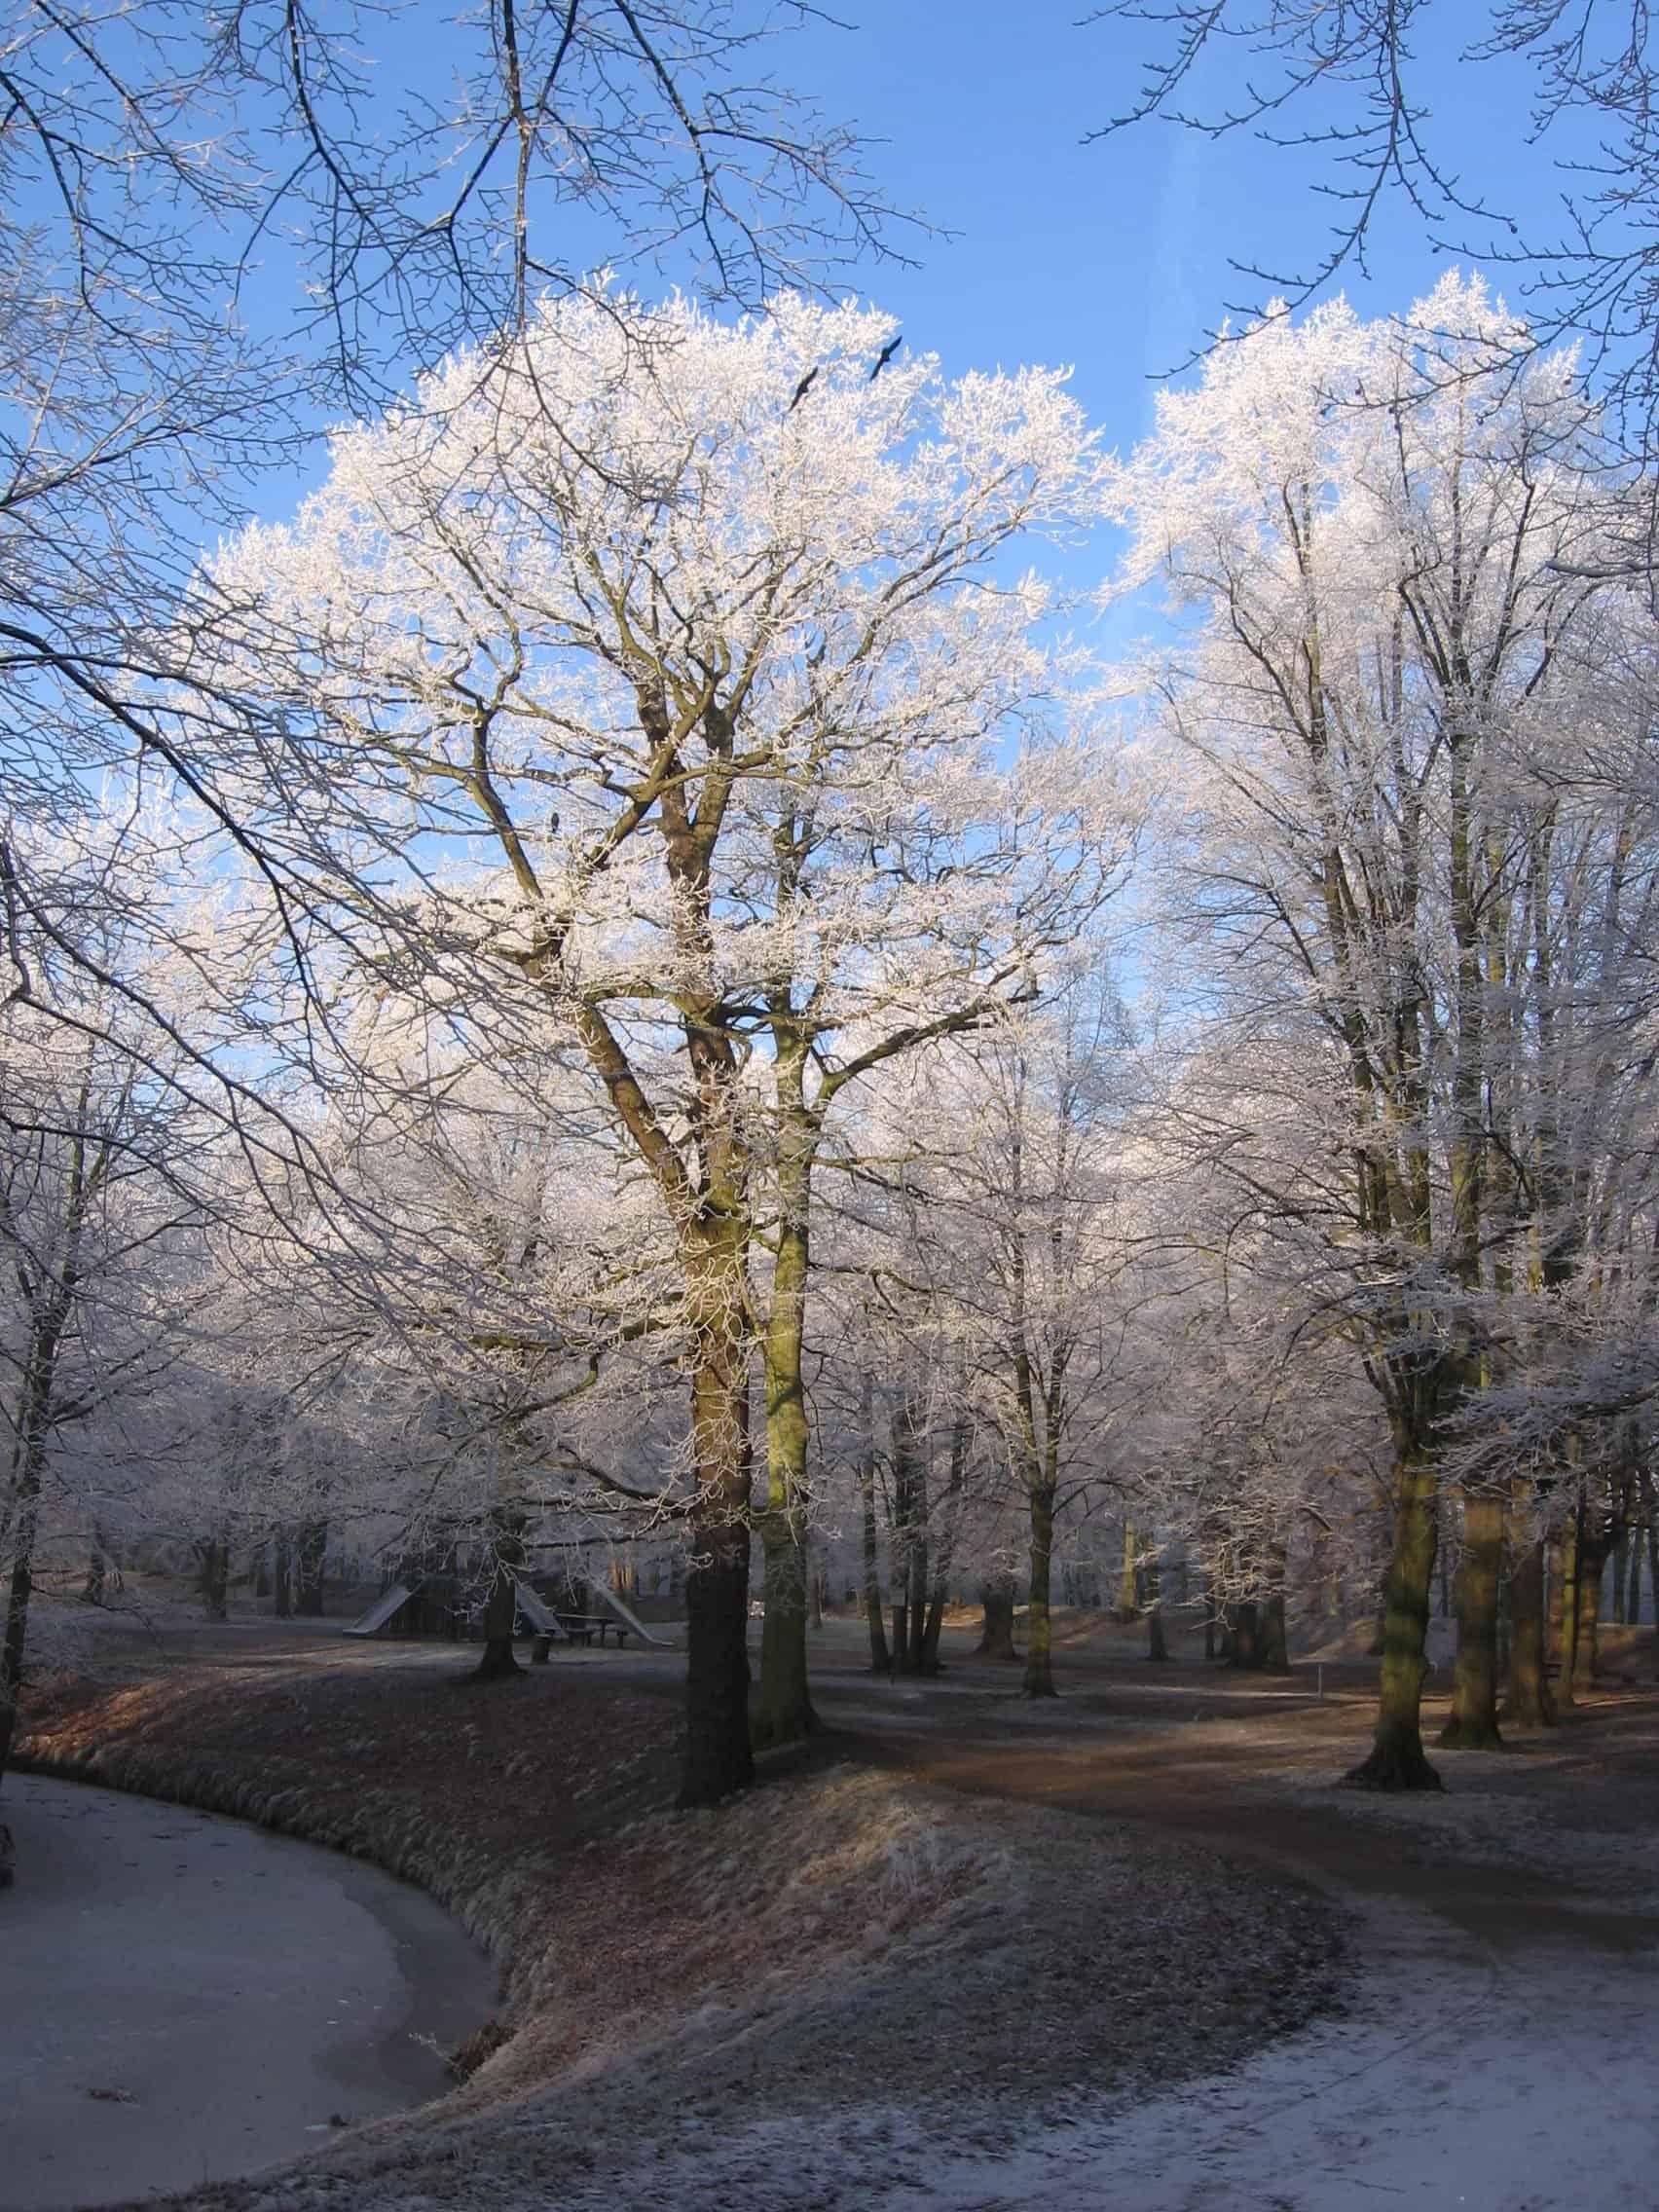 Clingendael in winter 231207 002